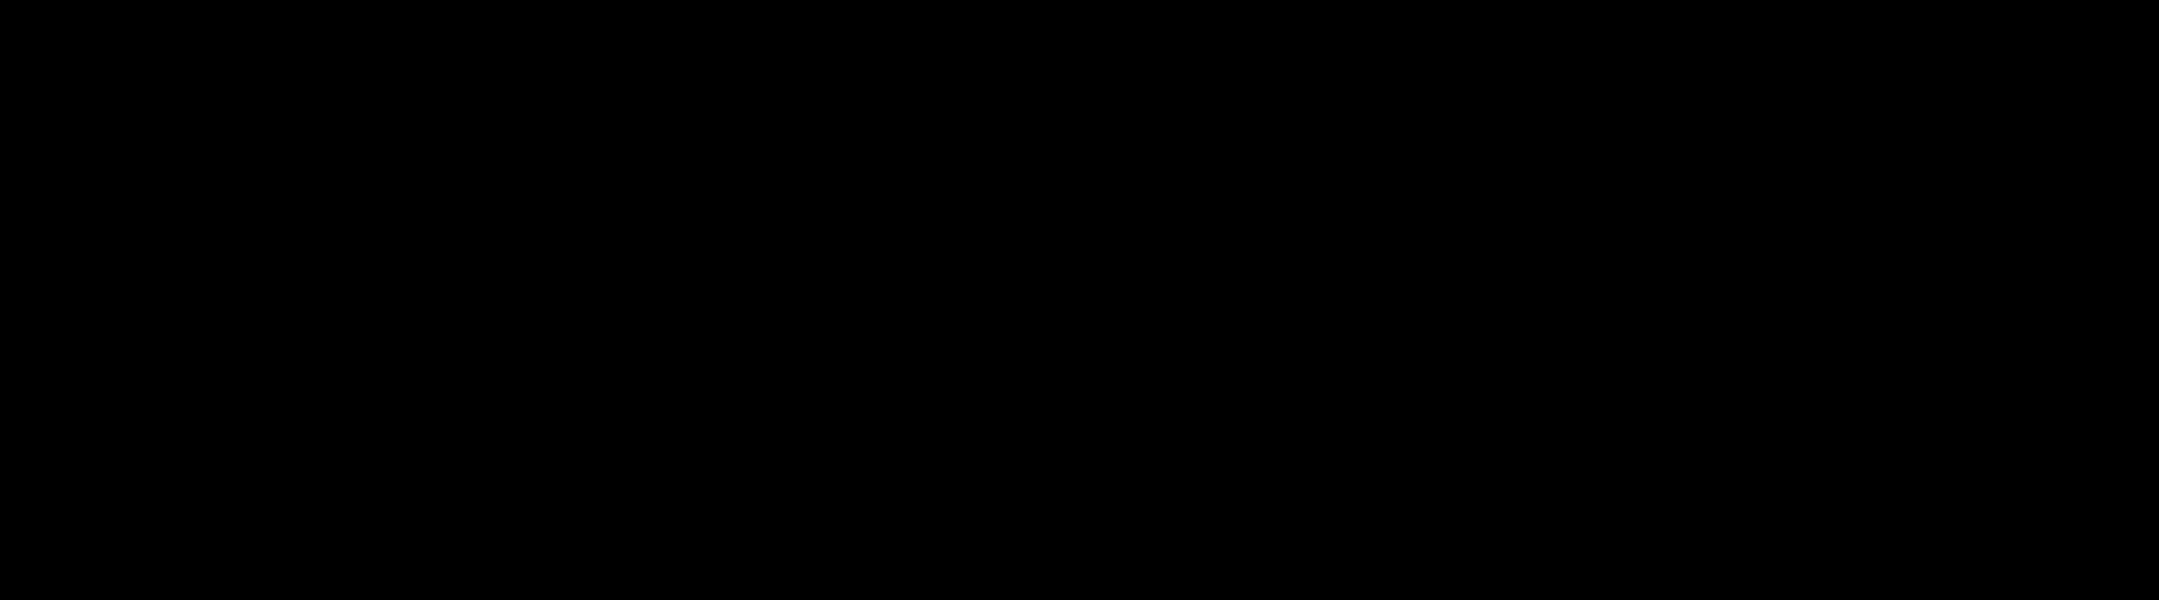 Vente-privee.com : 80 alternances